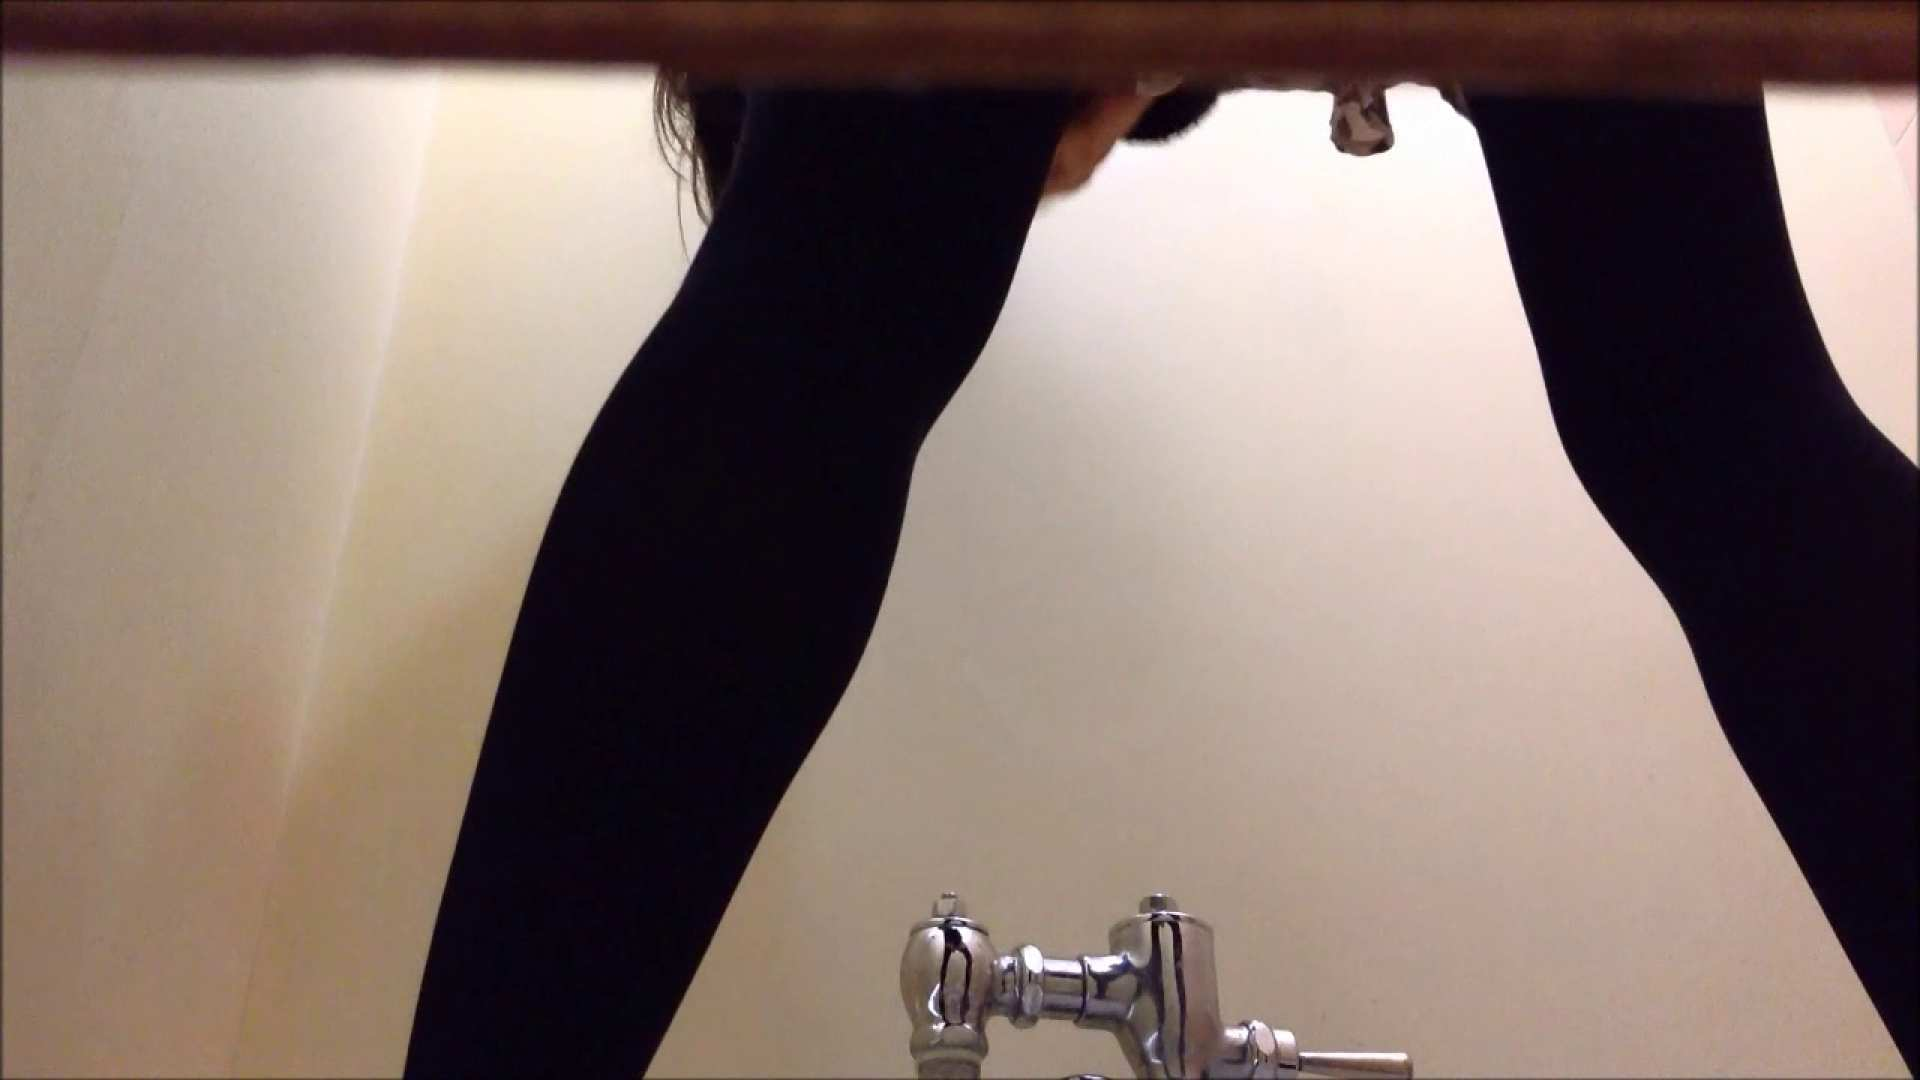 某有名大学女性洗面所 vol.06 投稿 性交動画流出 111枚 61